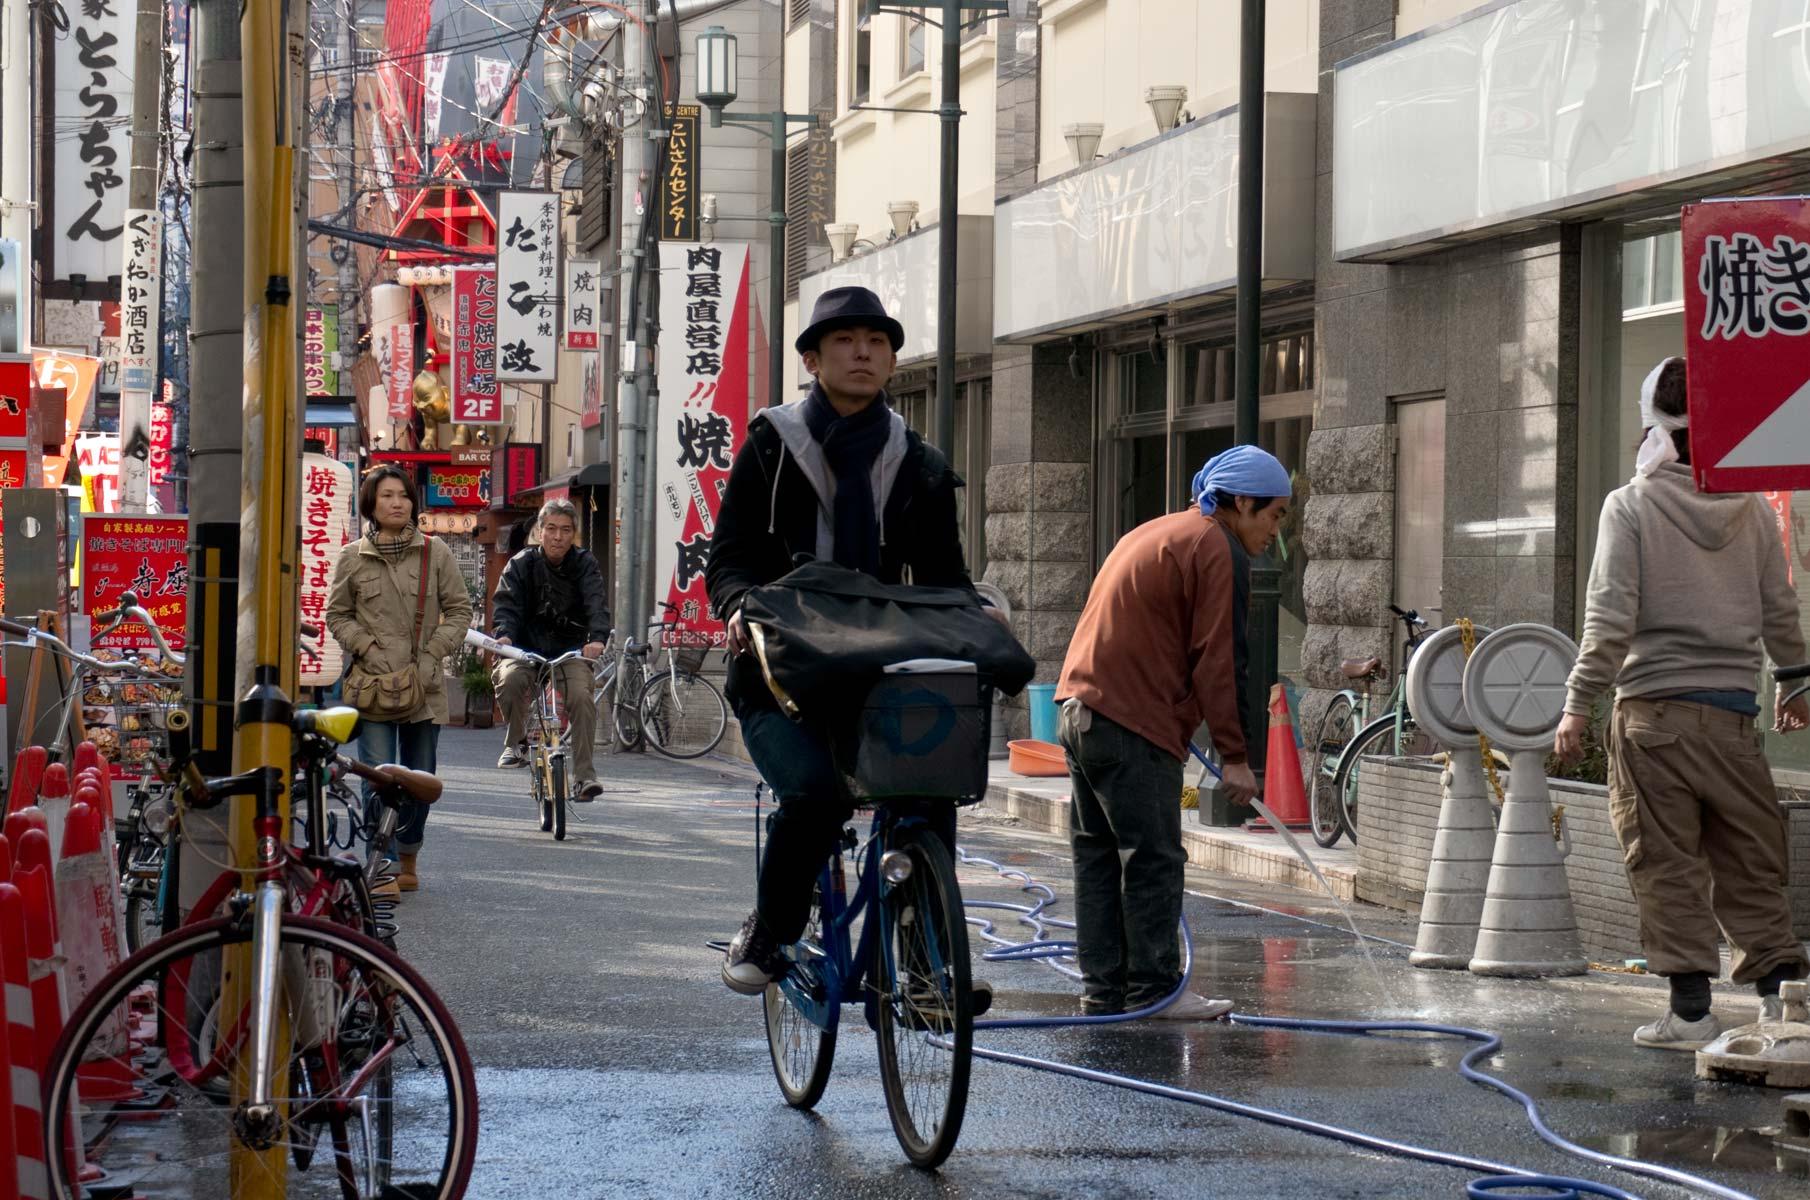 Straßenszene mit Fahrrad in Dotonbori Osaka, Japan